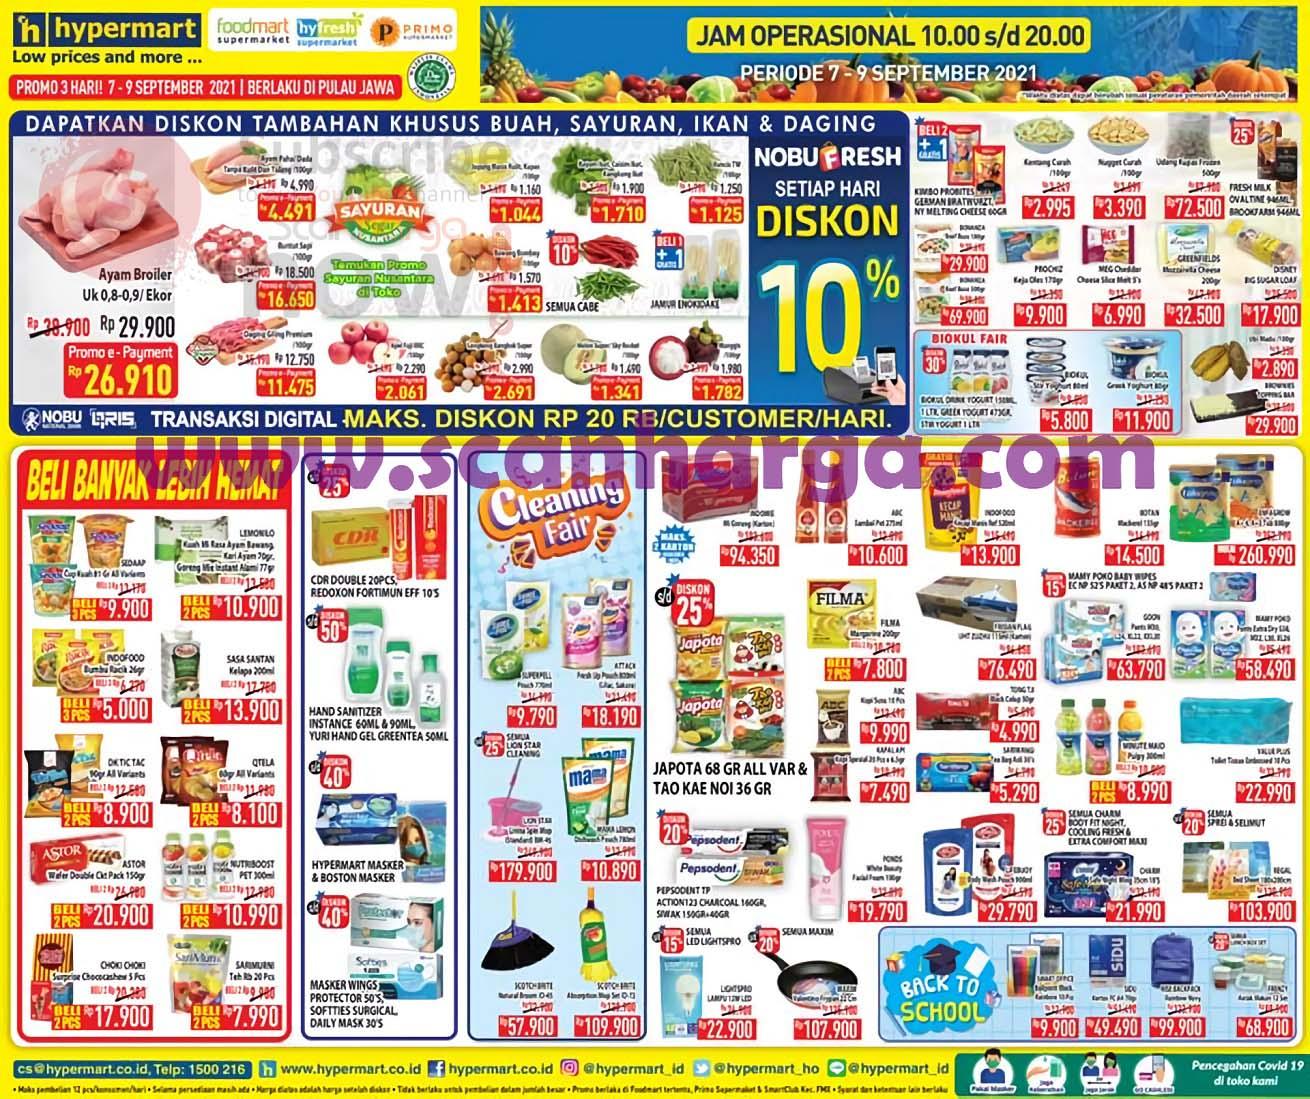 Promo Hypermart Weekday Terbaru 7 - 9 September 2021 2